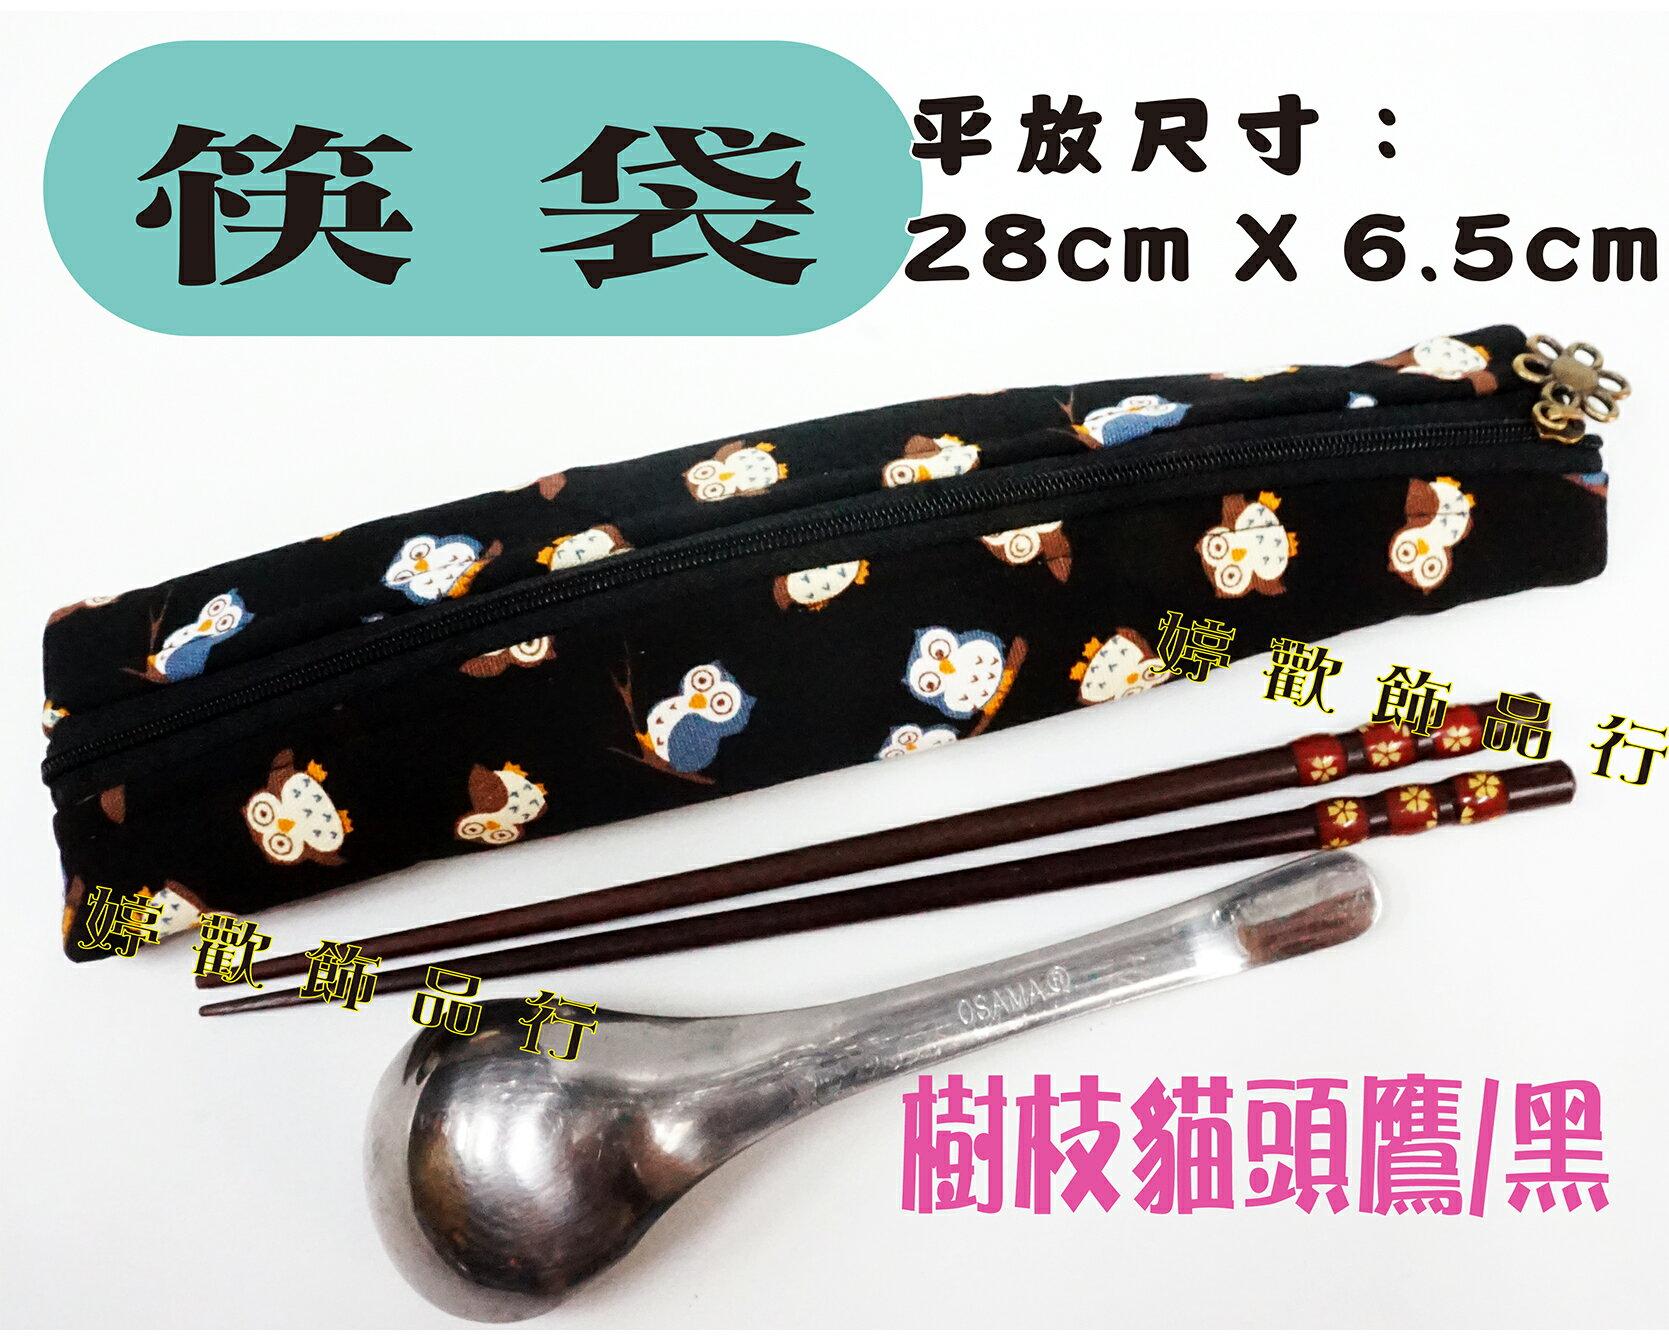 筷袋/牙刷袋/台灣製造/日本布料/時尚美觀/樹織貓頭鷹